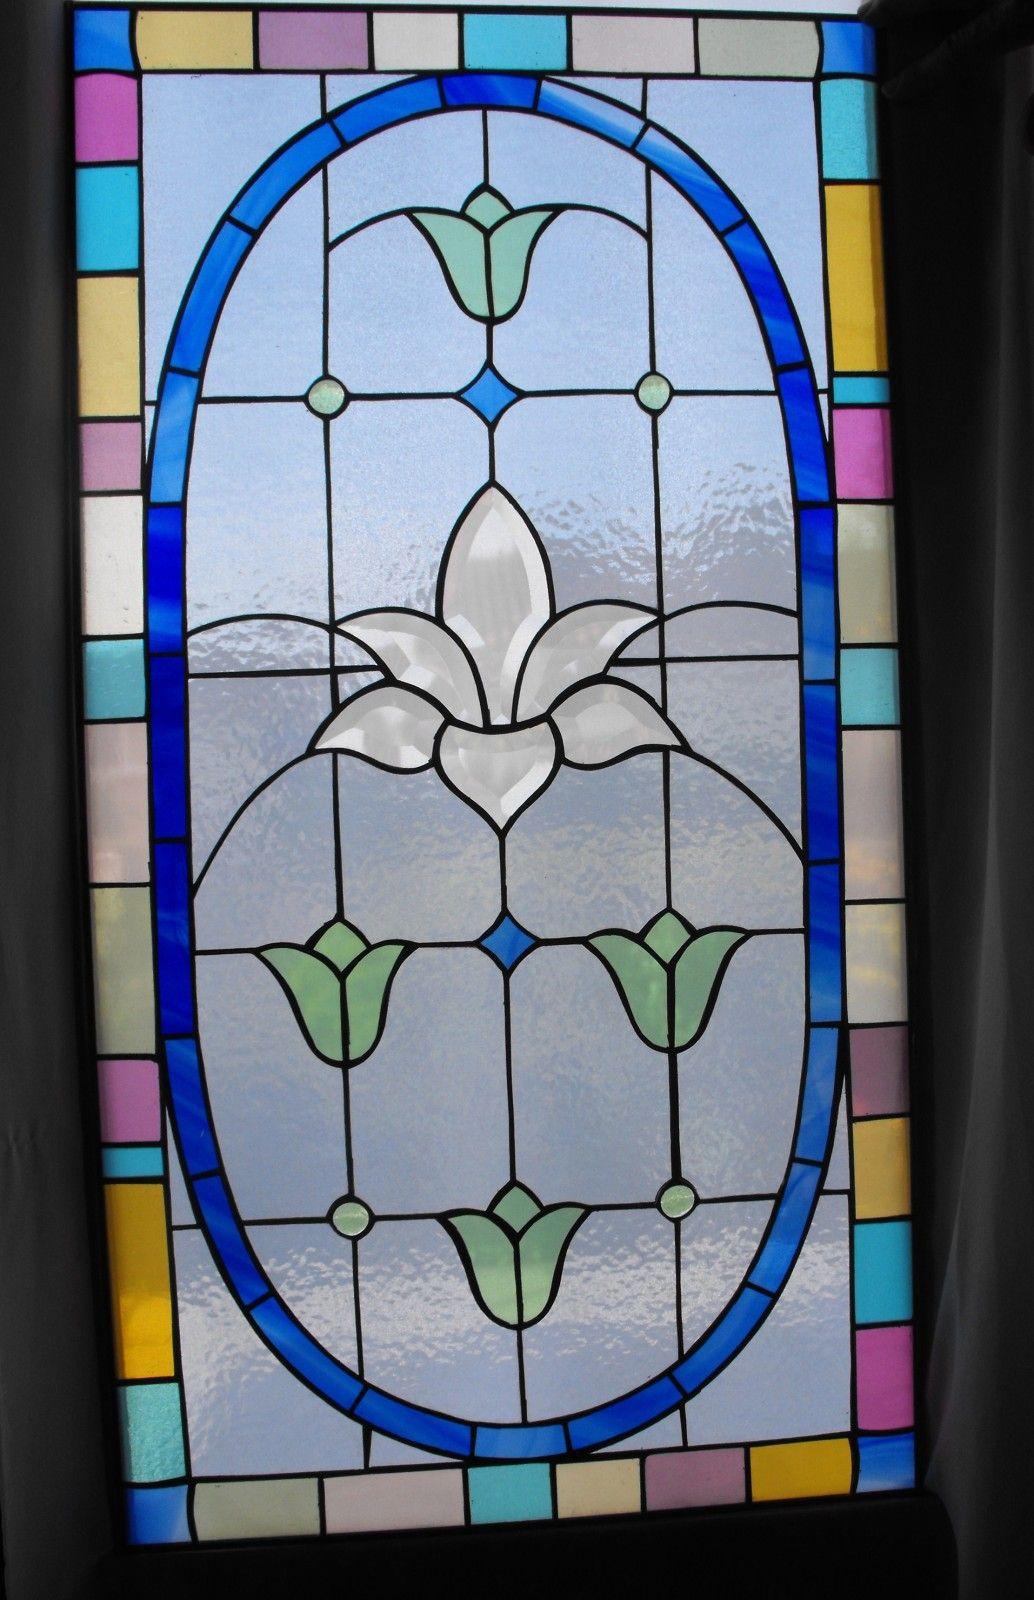 vitrail dans une salle de bain par marisol de roland vitrail pinterest vitraux roland et. Black Bedroom Furniture Sets. Home Design Ideas